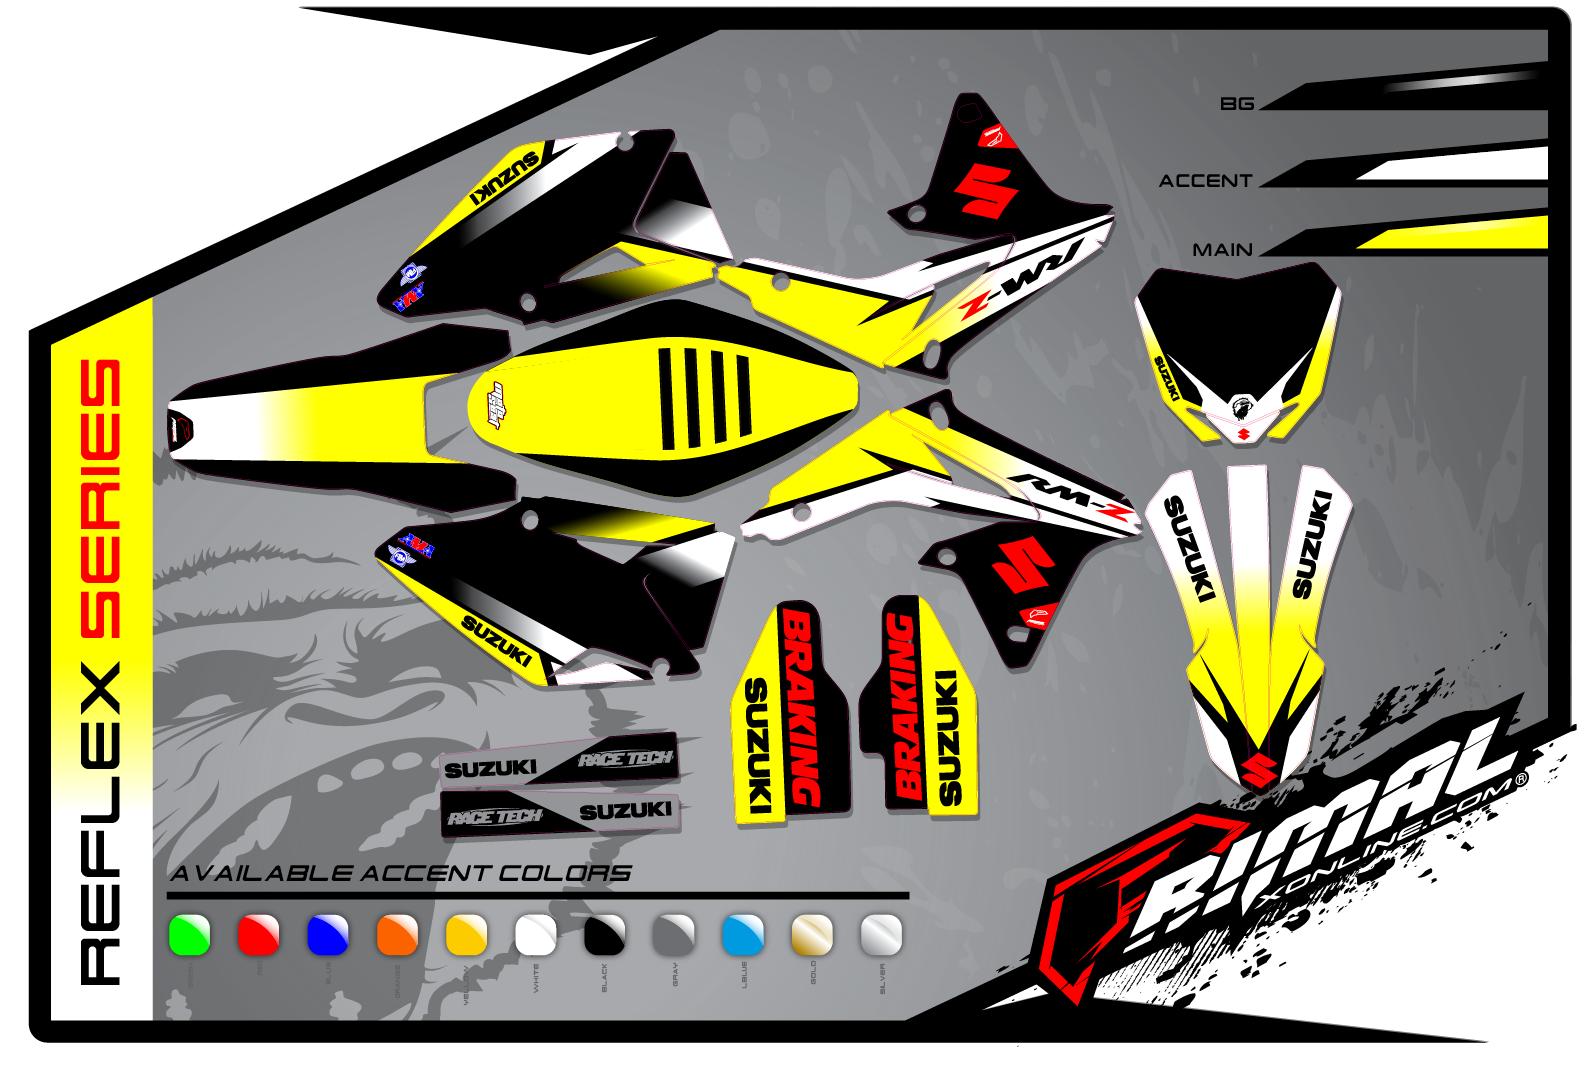 primal-x-motorsports-mx-graphics-suzuki-rmz250-rmz450-reflex-series-motocross-graphics